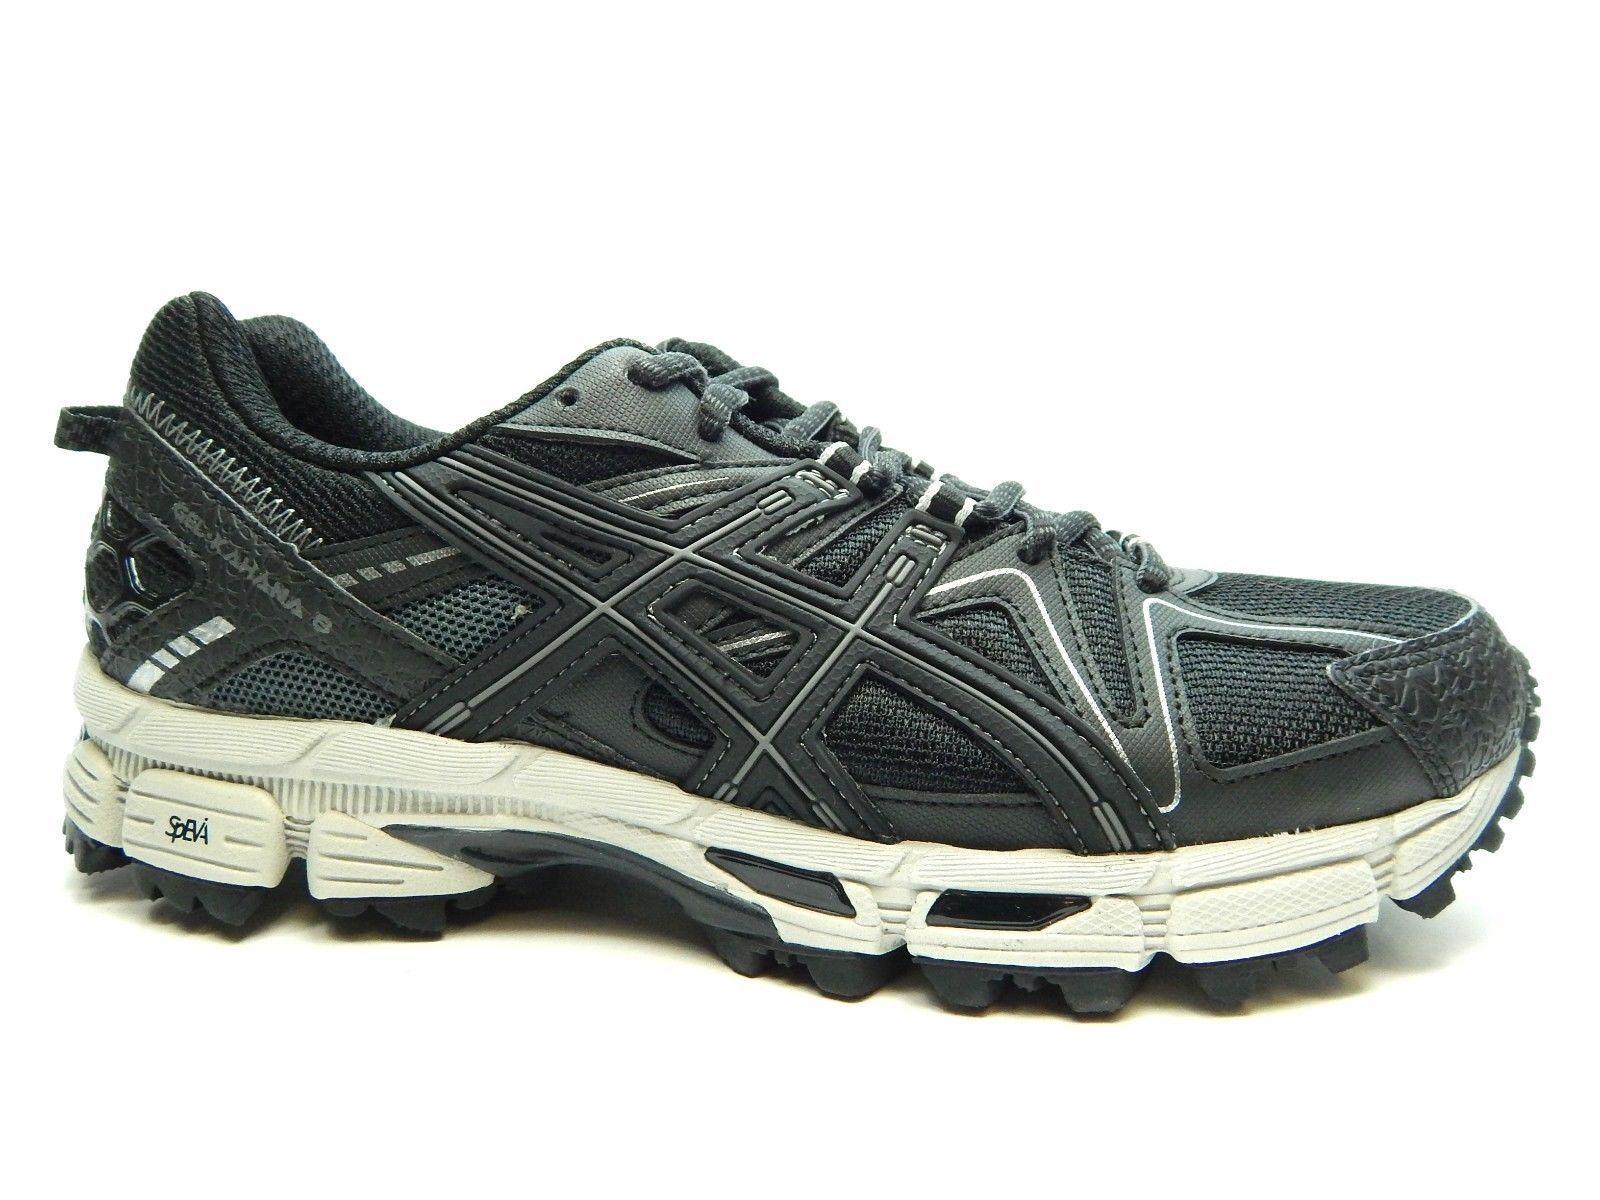 ASICS GEL-Kahana 8 Trail Running shoes Black Onyx Silver Men's Men's Men's Sz 10 T6L0N 9099 c13af6